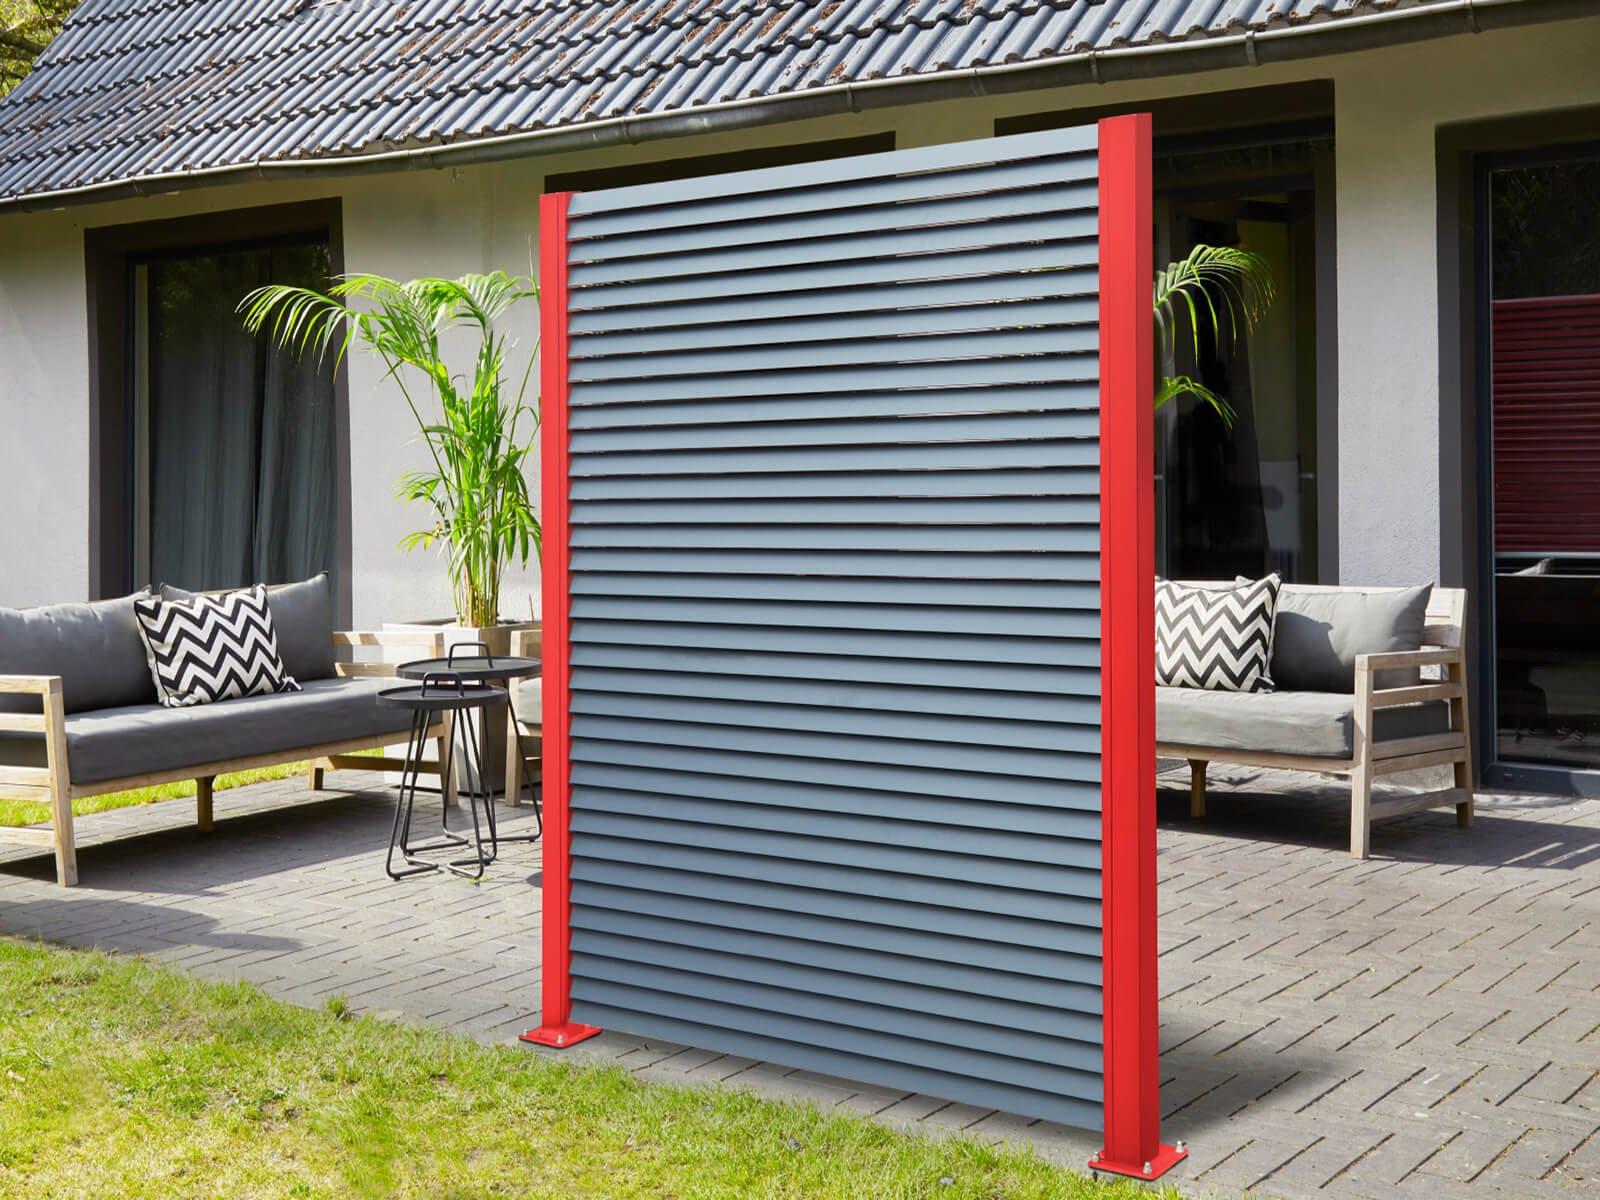 Lamellenzaun mit Windschutz und Sichtschutz in Individueller roter Farbe vereint Funktion mit Design